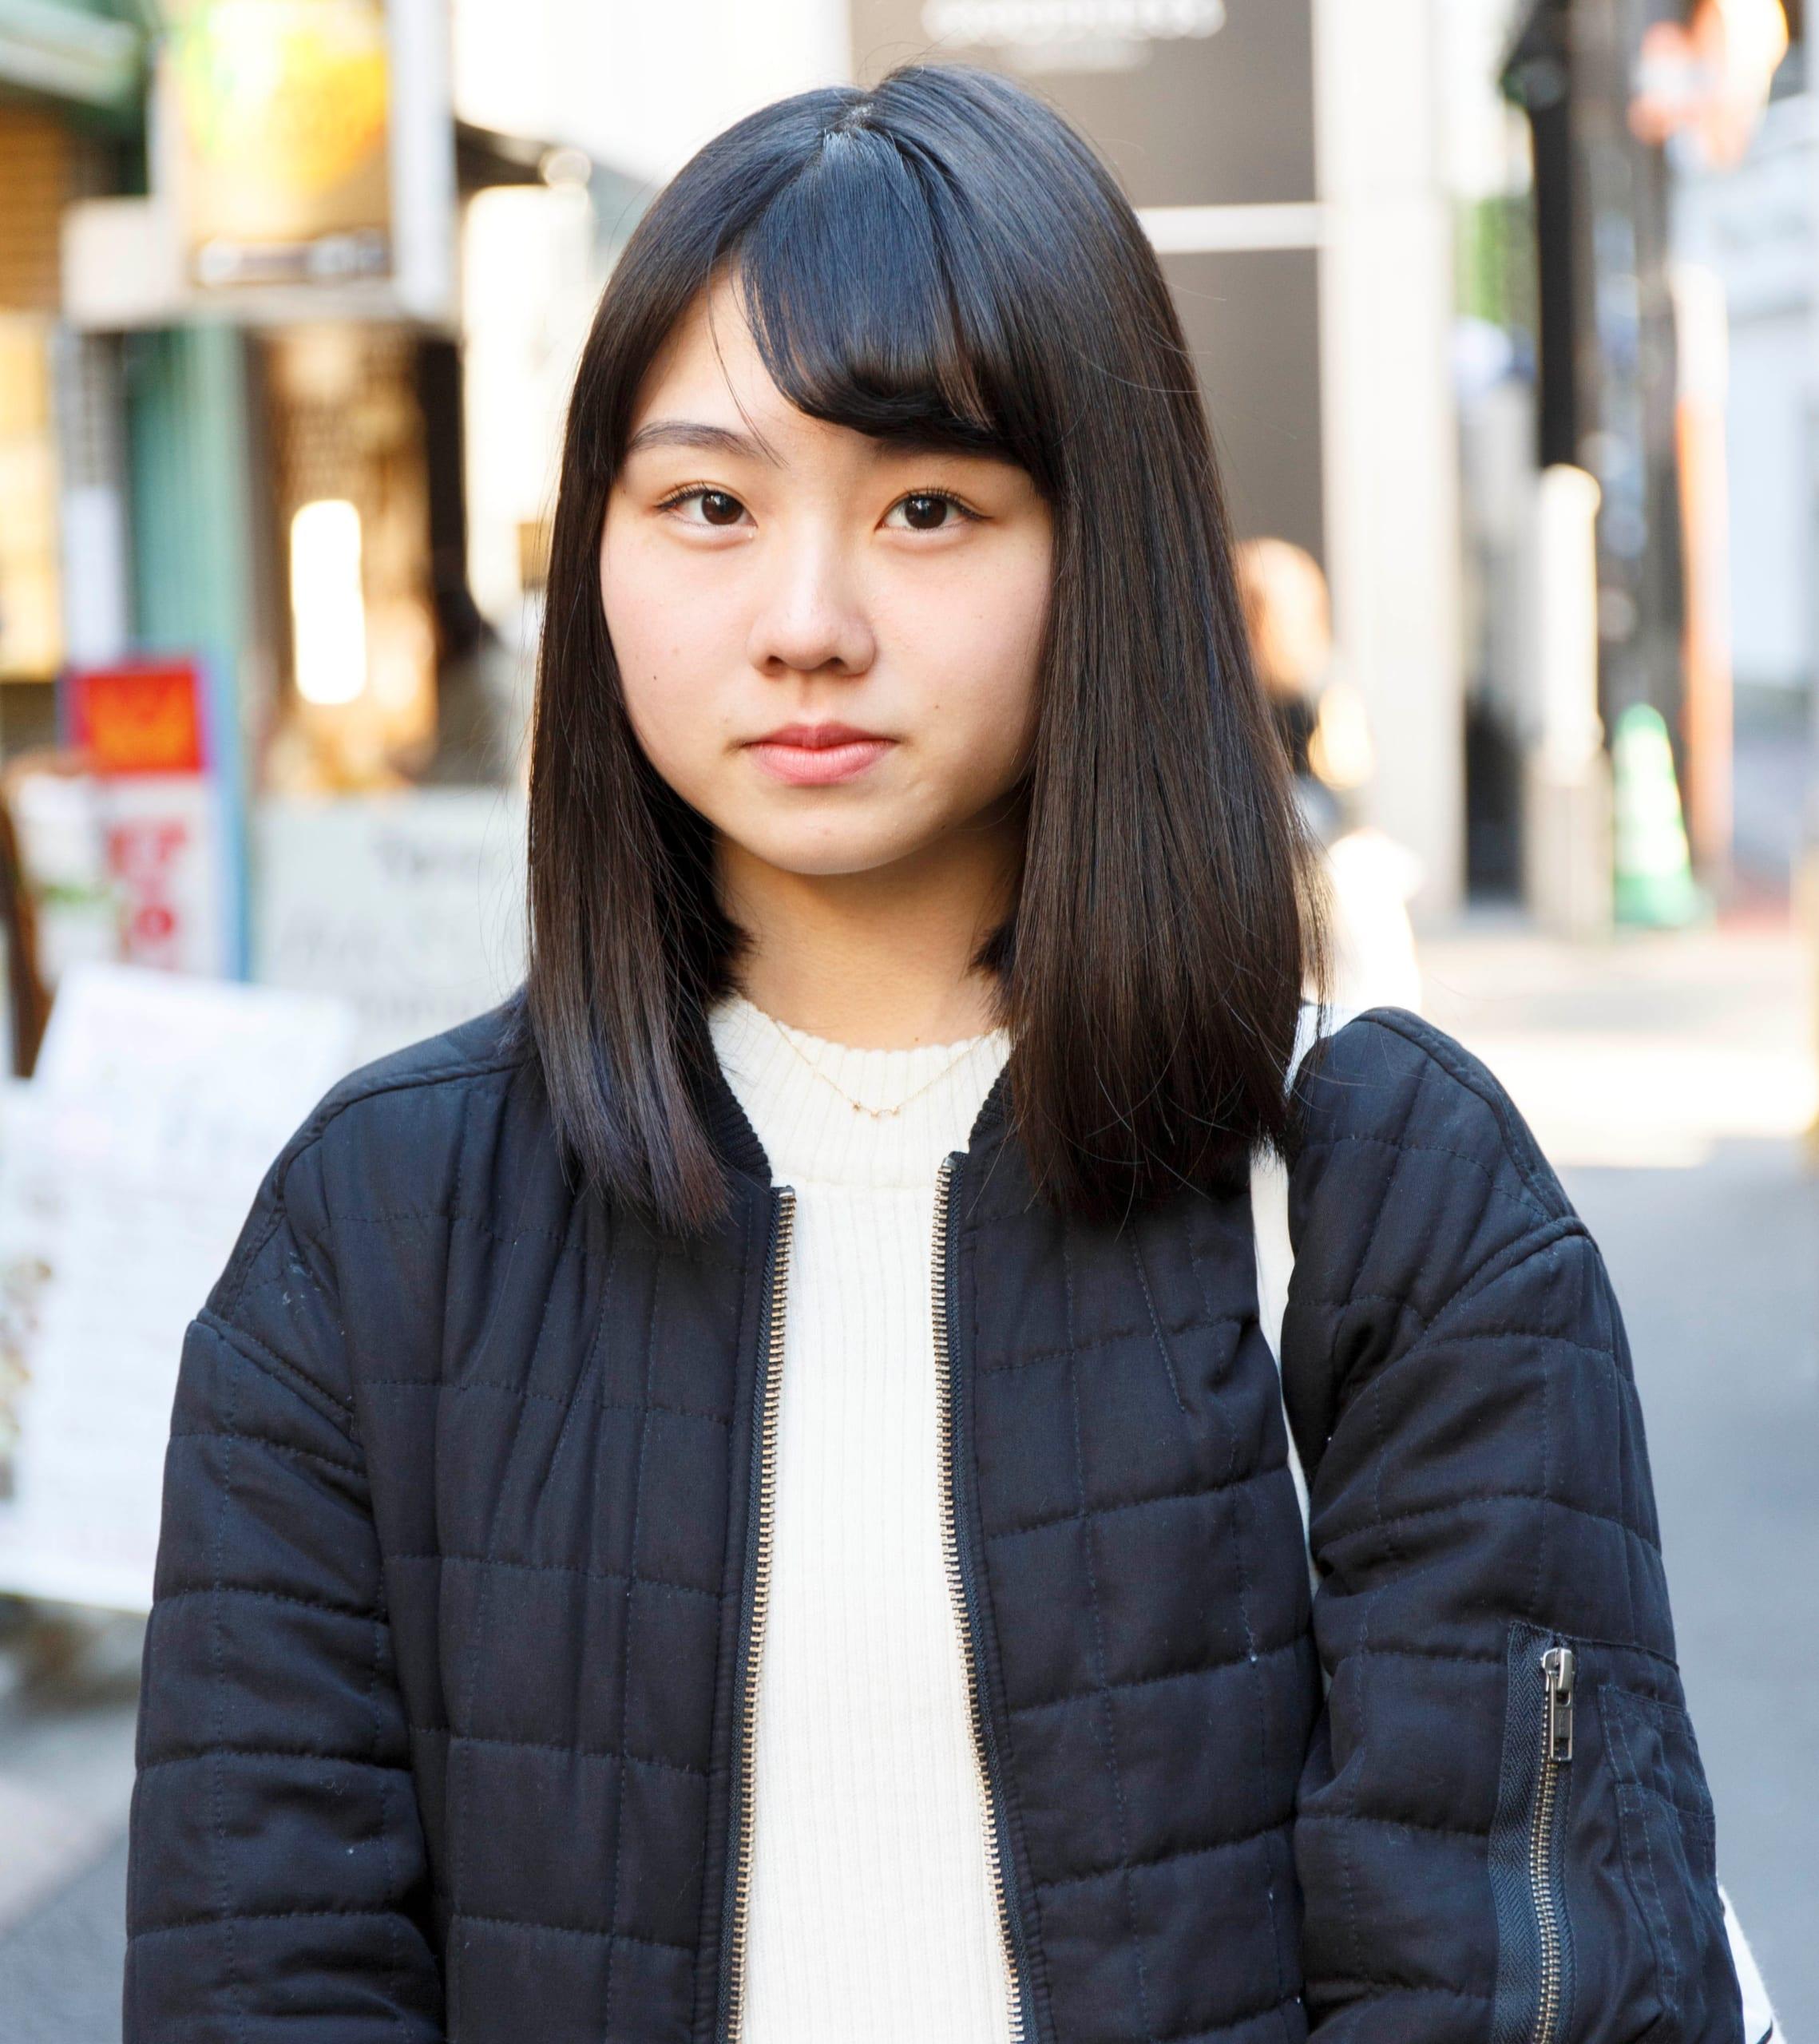 【女子SNAP】SJ美女図鑑<br />キュートなお顔に吸い込まれそう!<br />鈴木あすかさん・アパレル